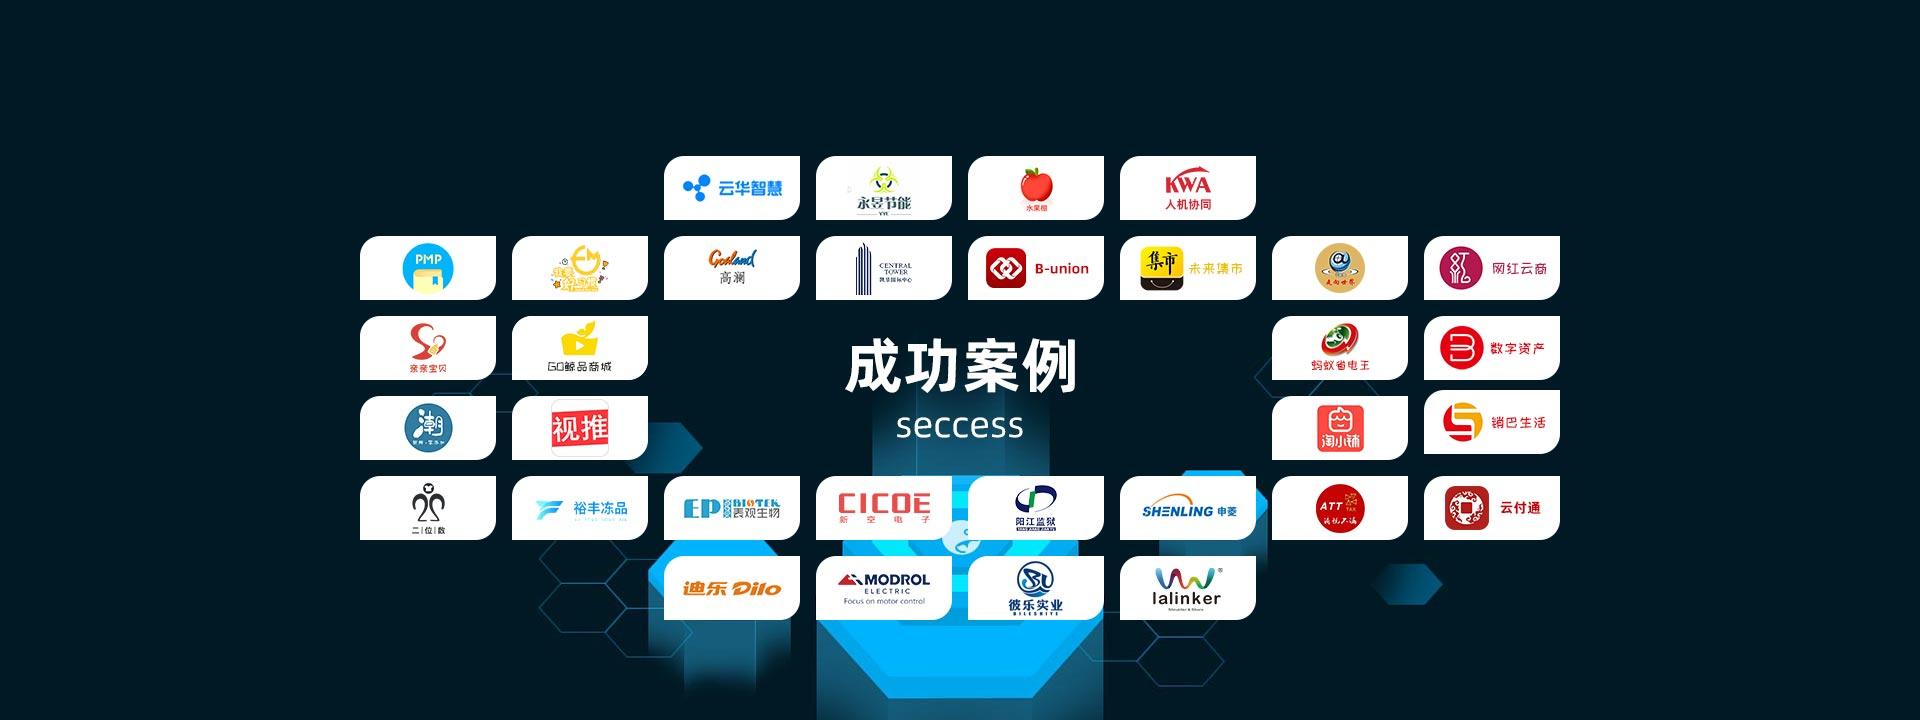 深圳市百讯通电子商务有限公司轮播图